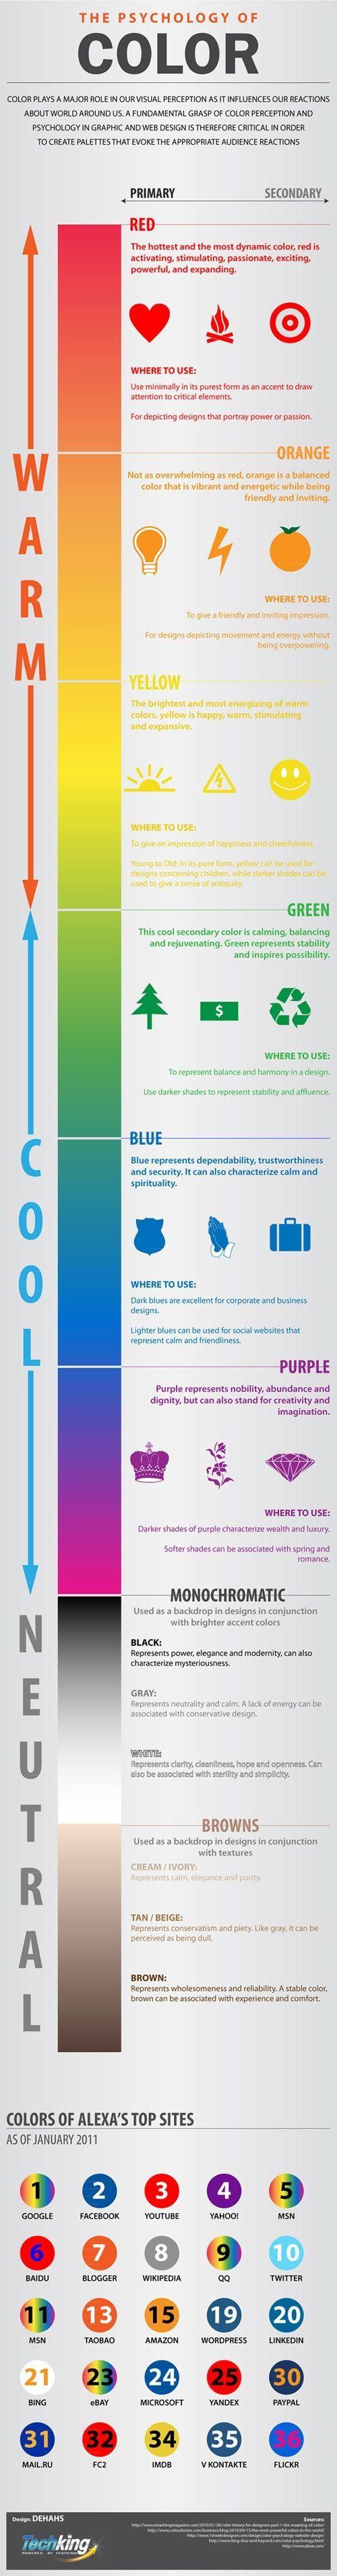 UX/UI Design / The Psychology of Color: